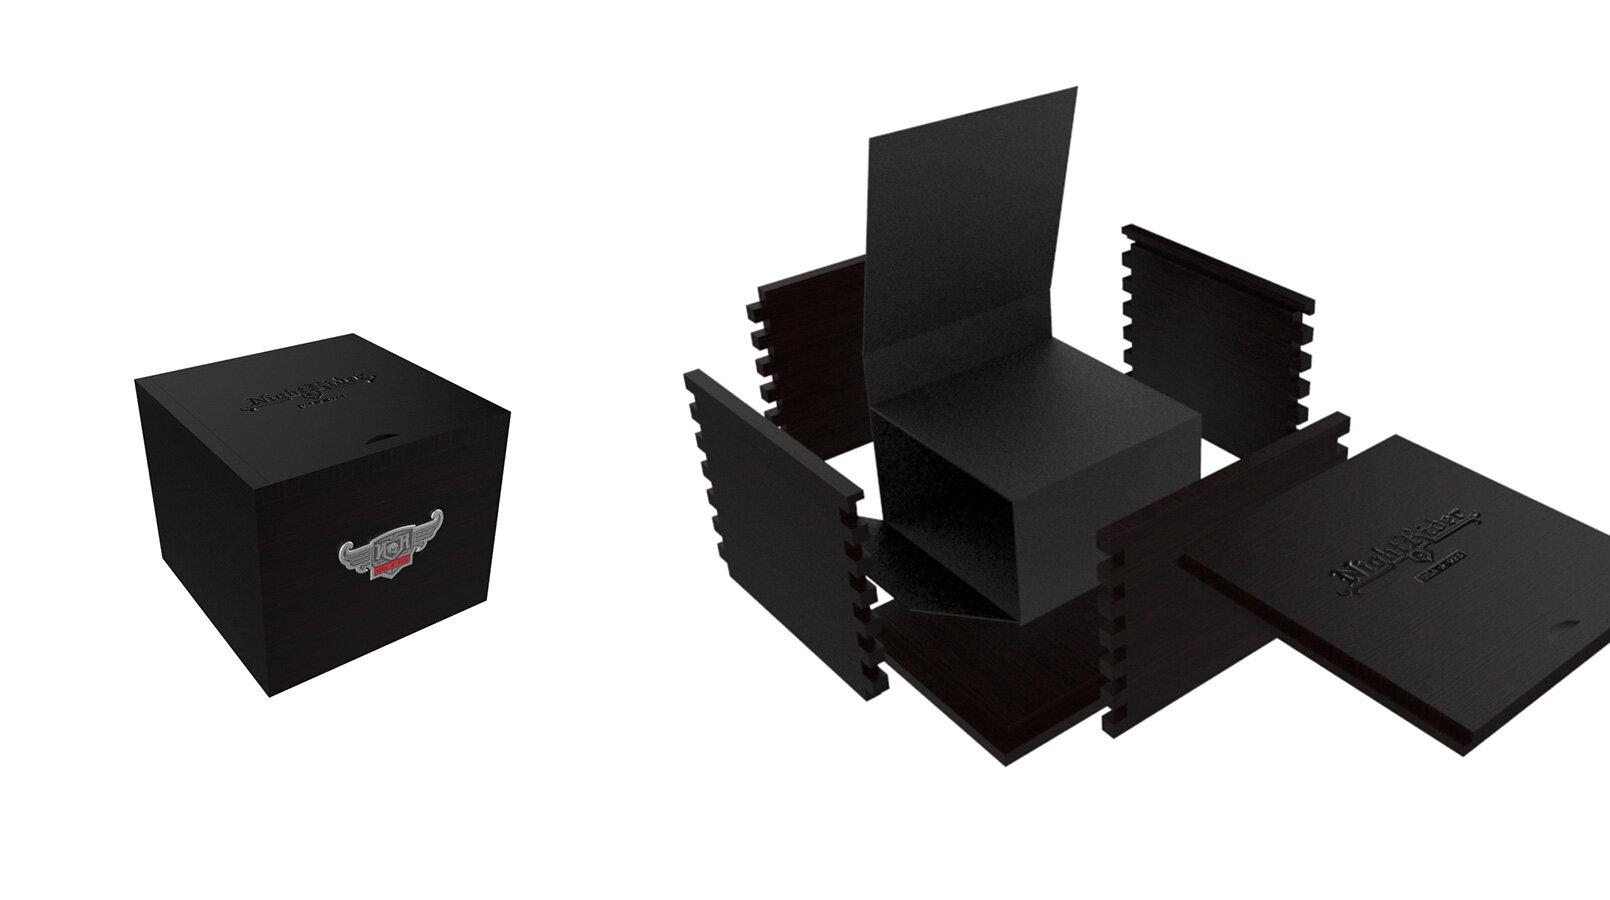 夜间骑士珠宝盒包装 - 公司设计-2.jpg